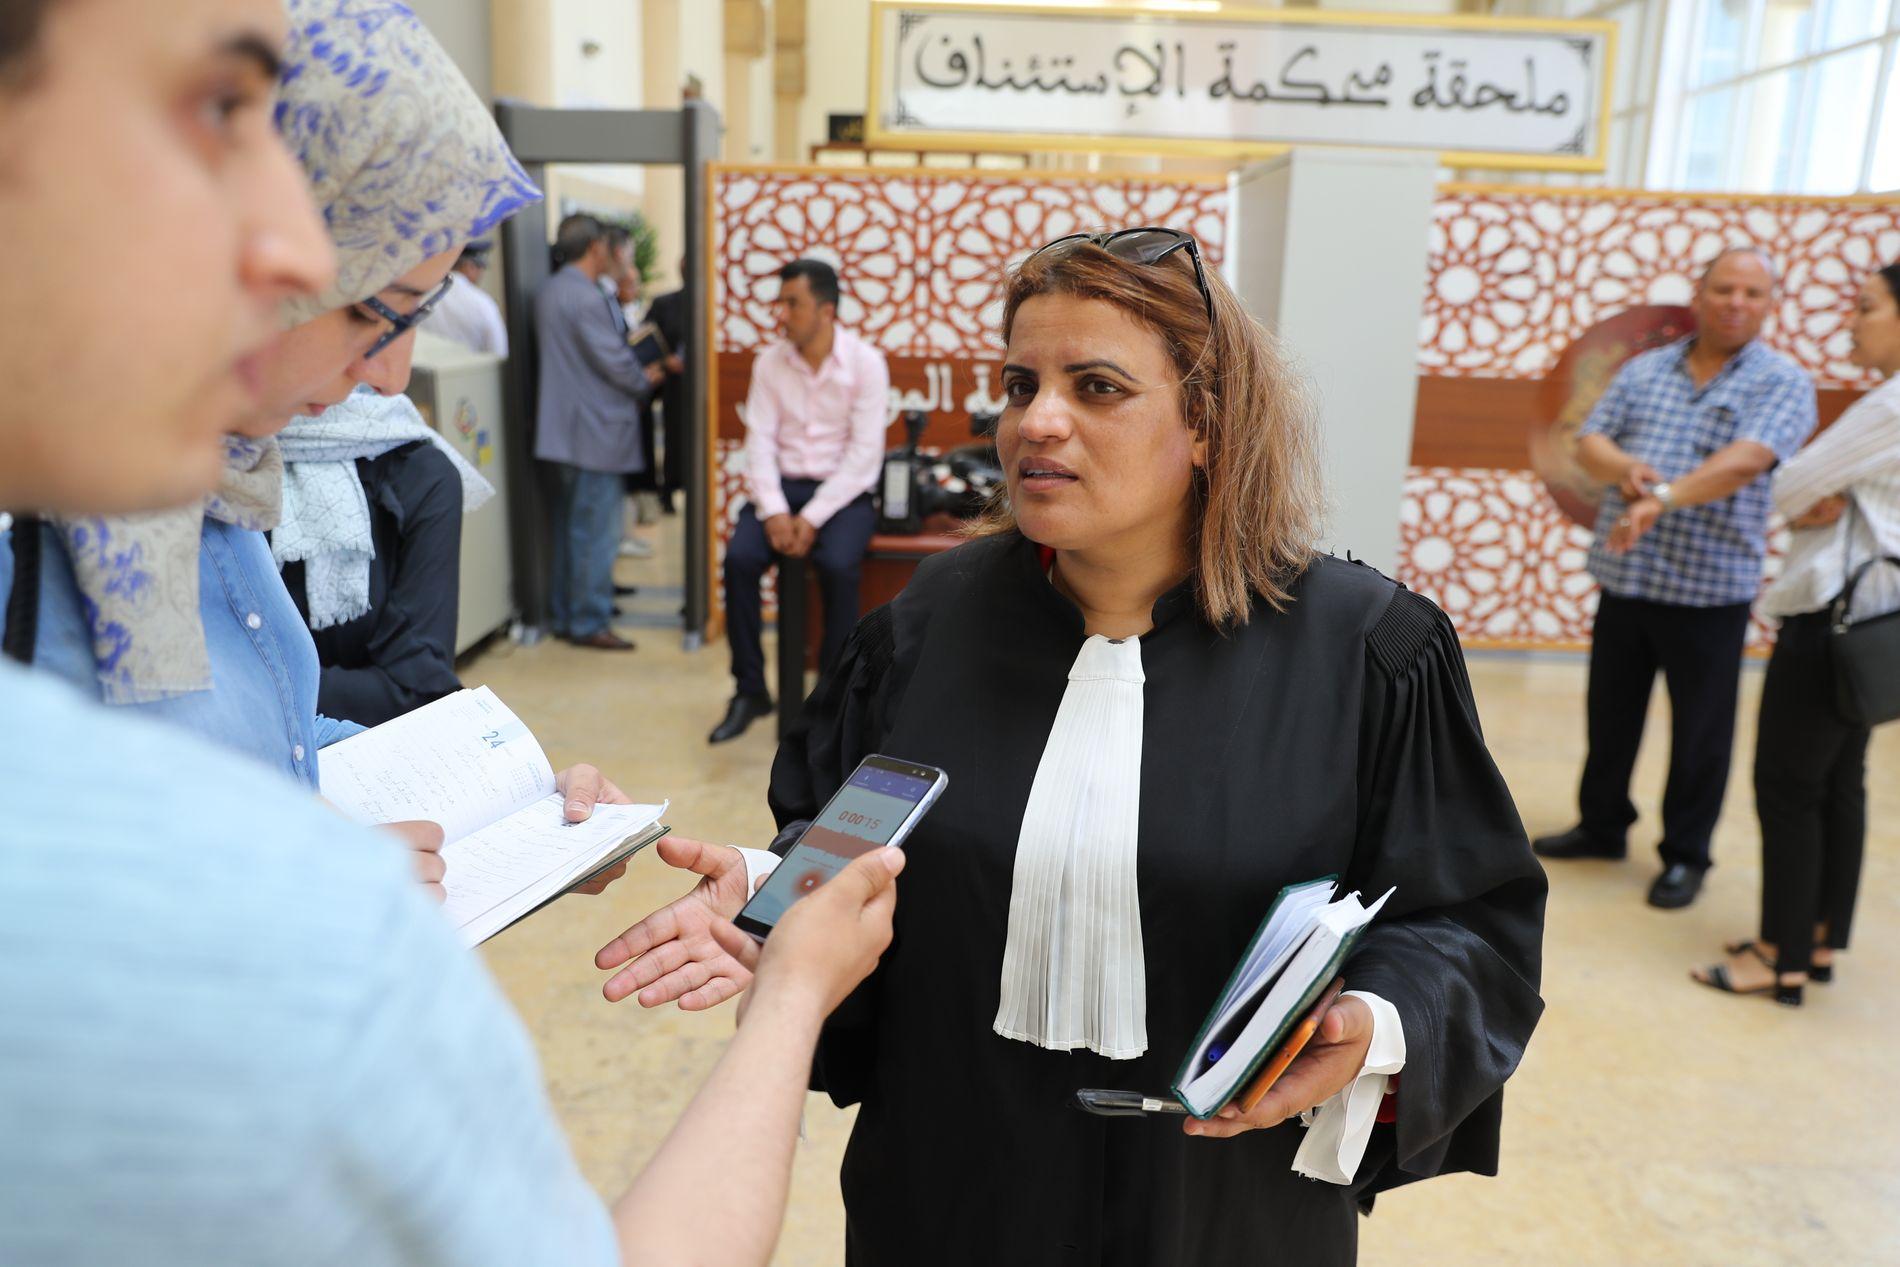 FORSVARER: Hafida Maksouai forsvarer flere av de tiltalte i rettssaken.